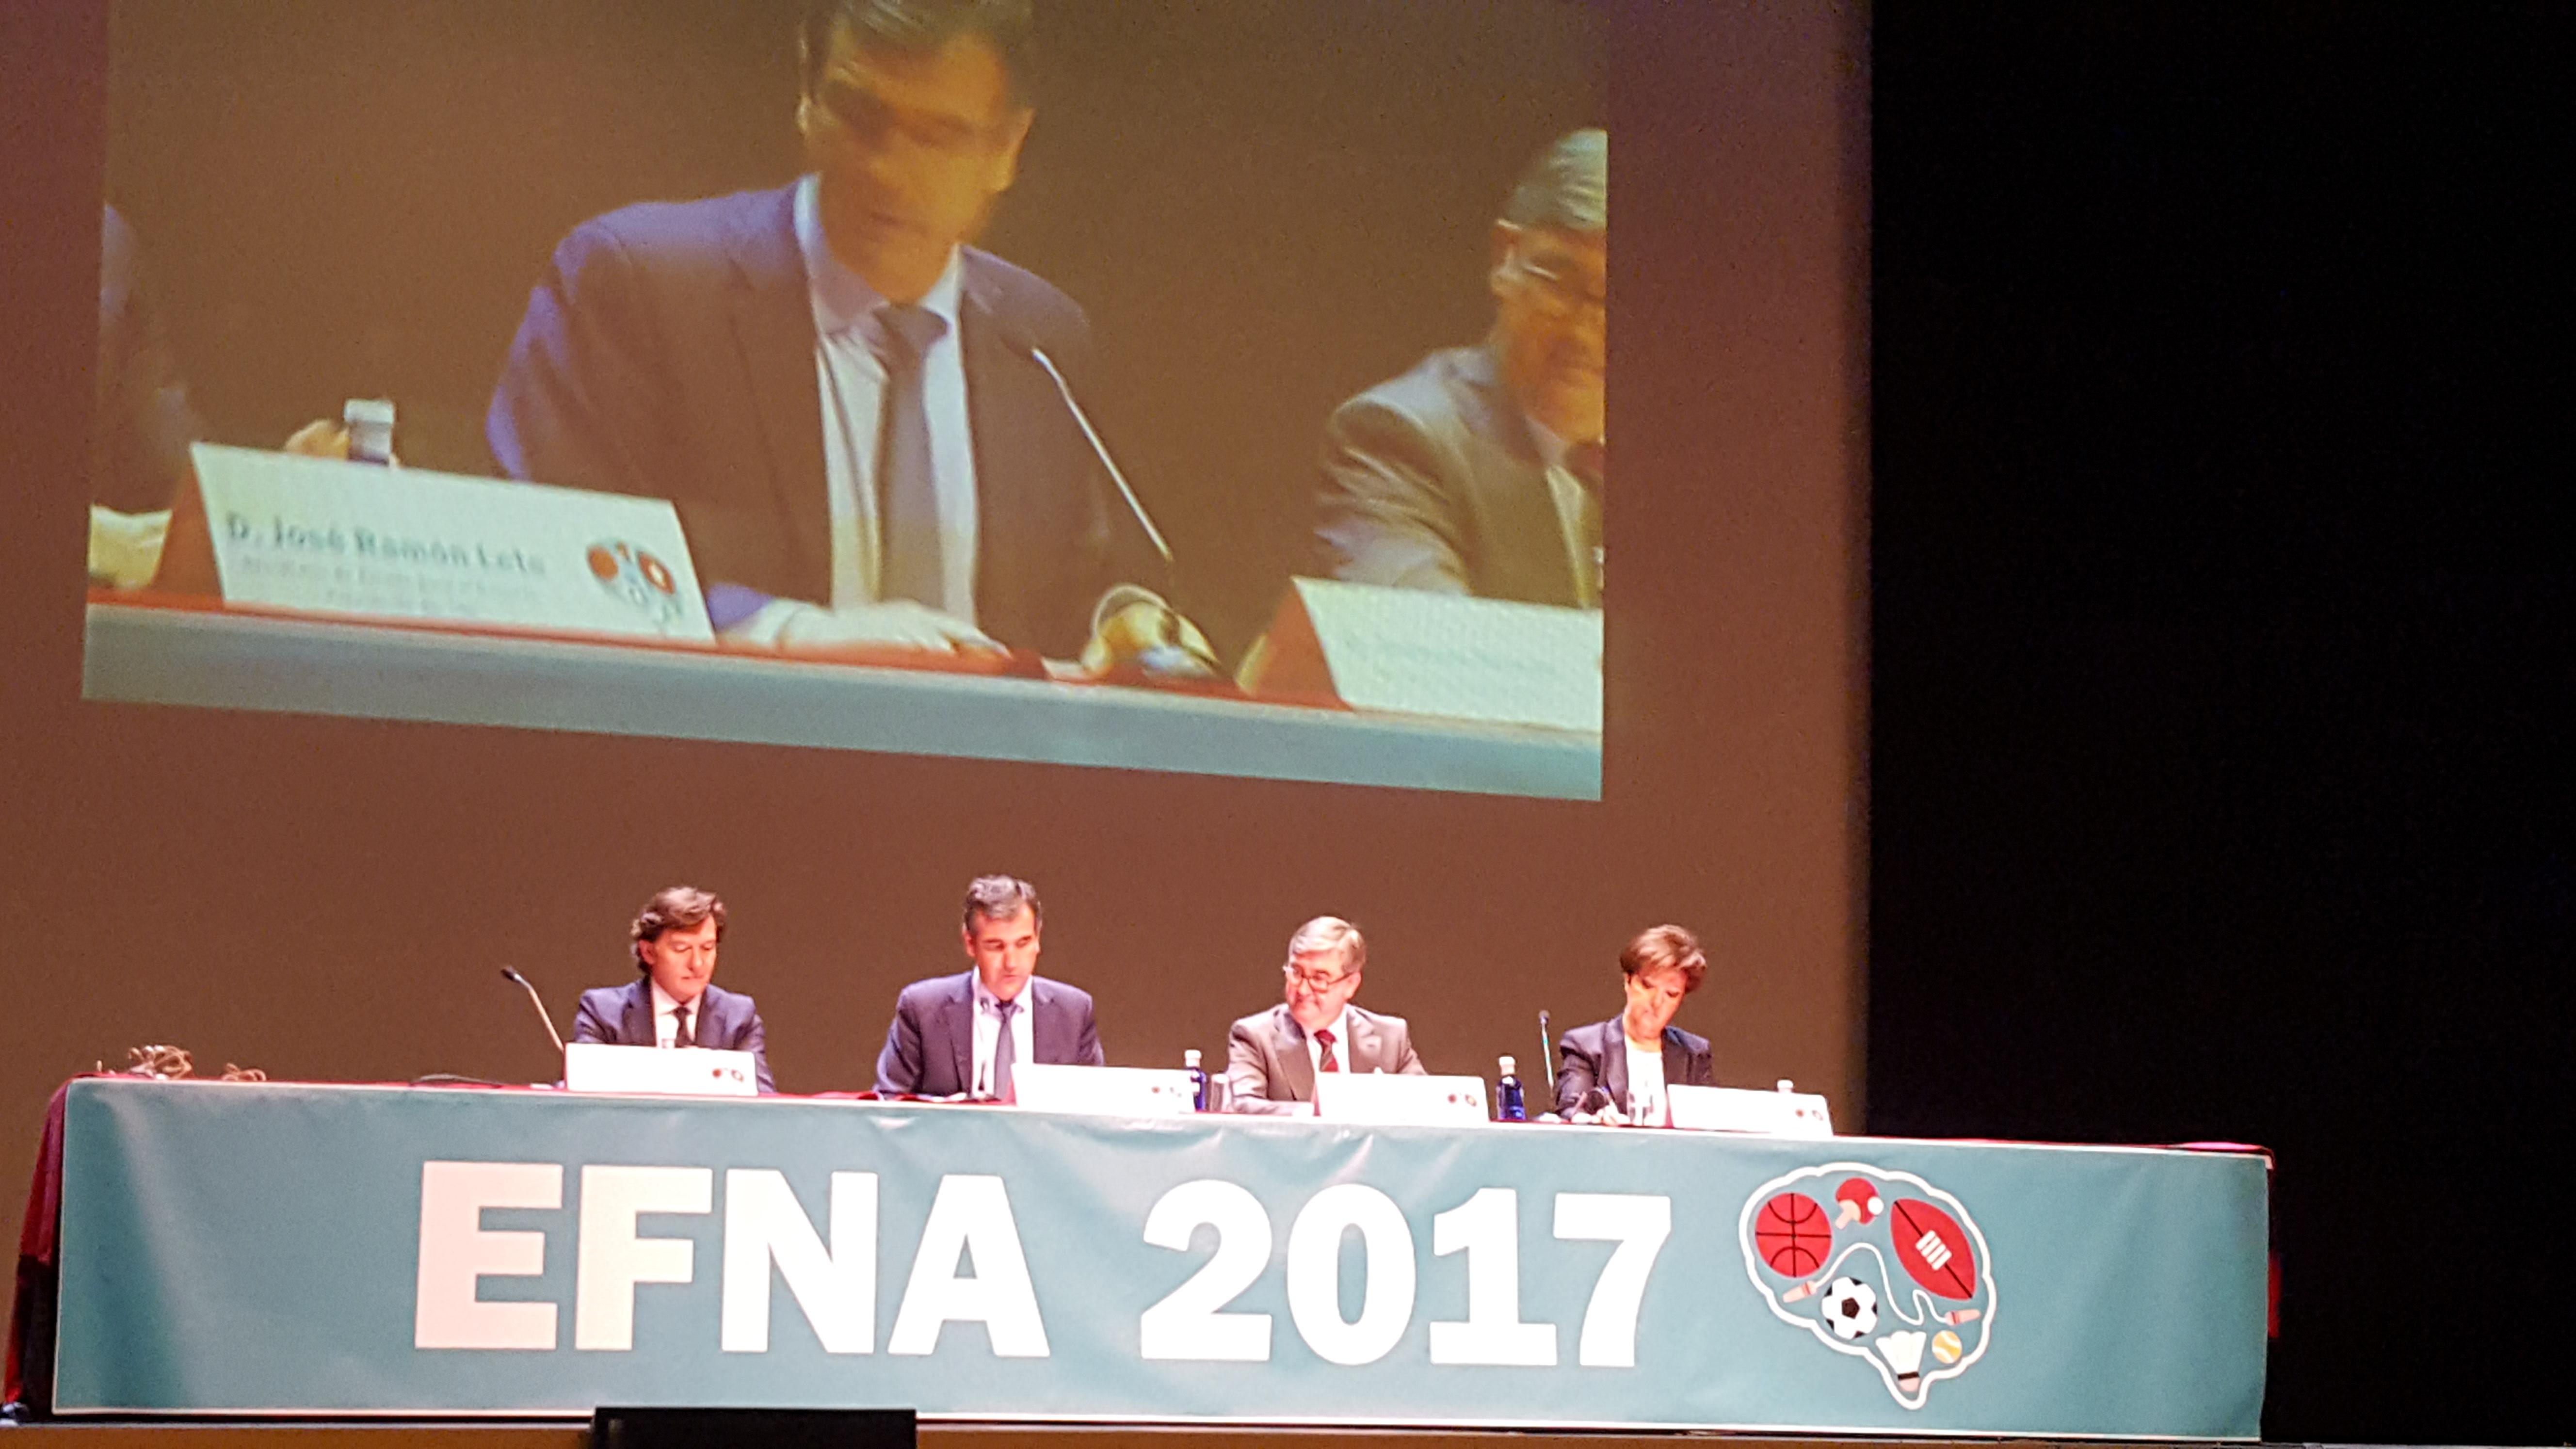 EFNA2017